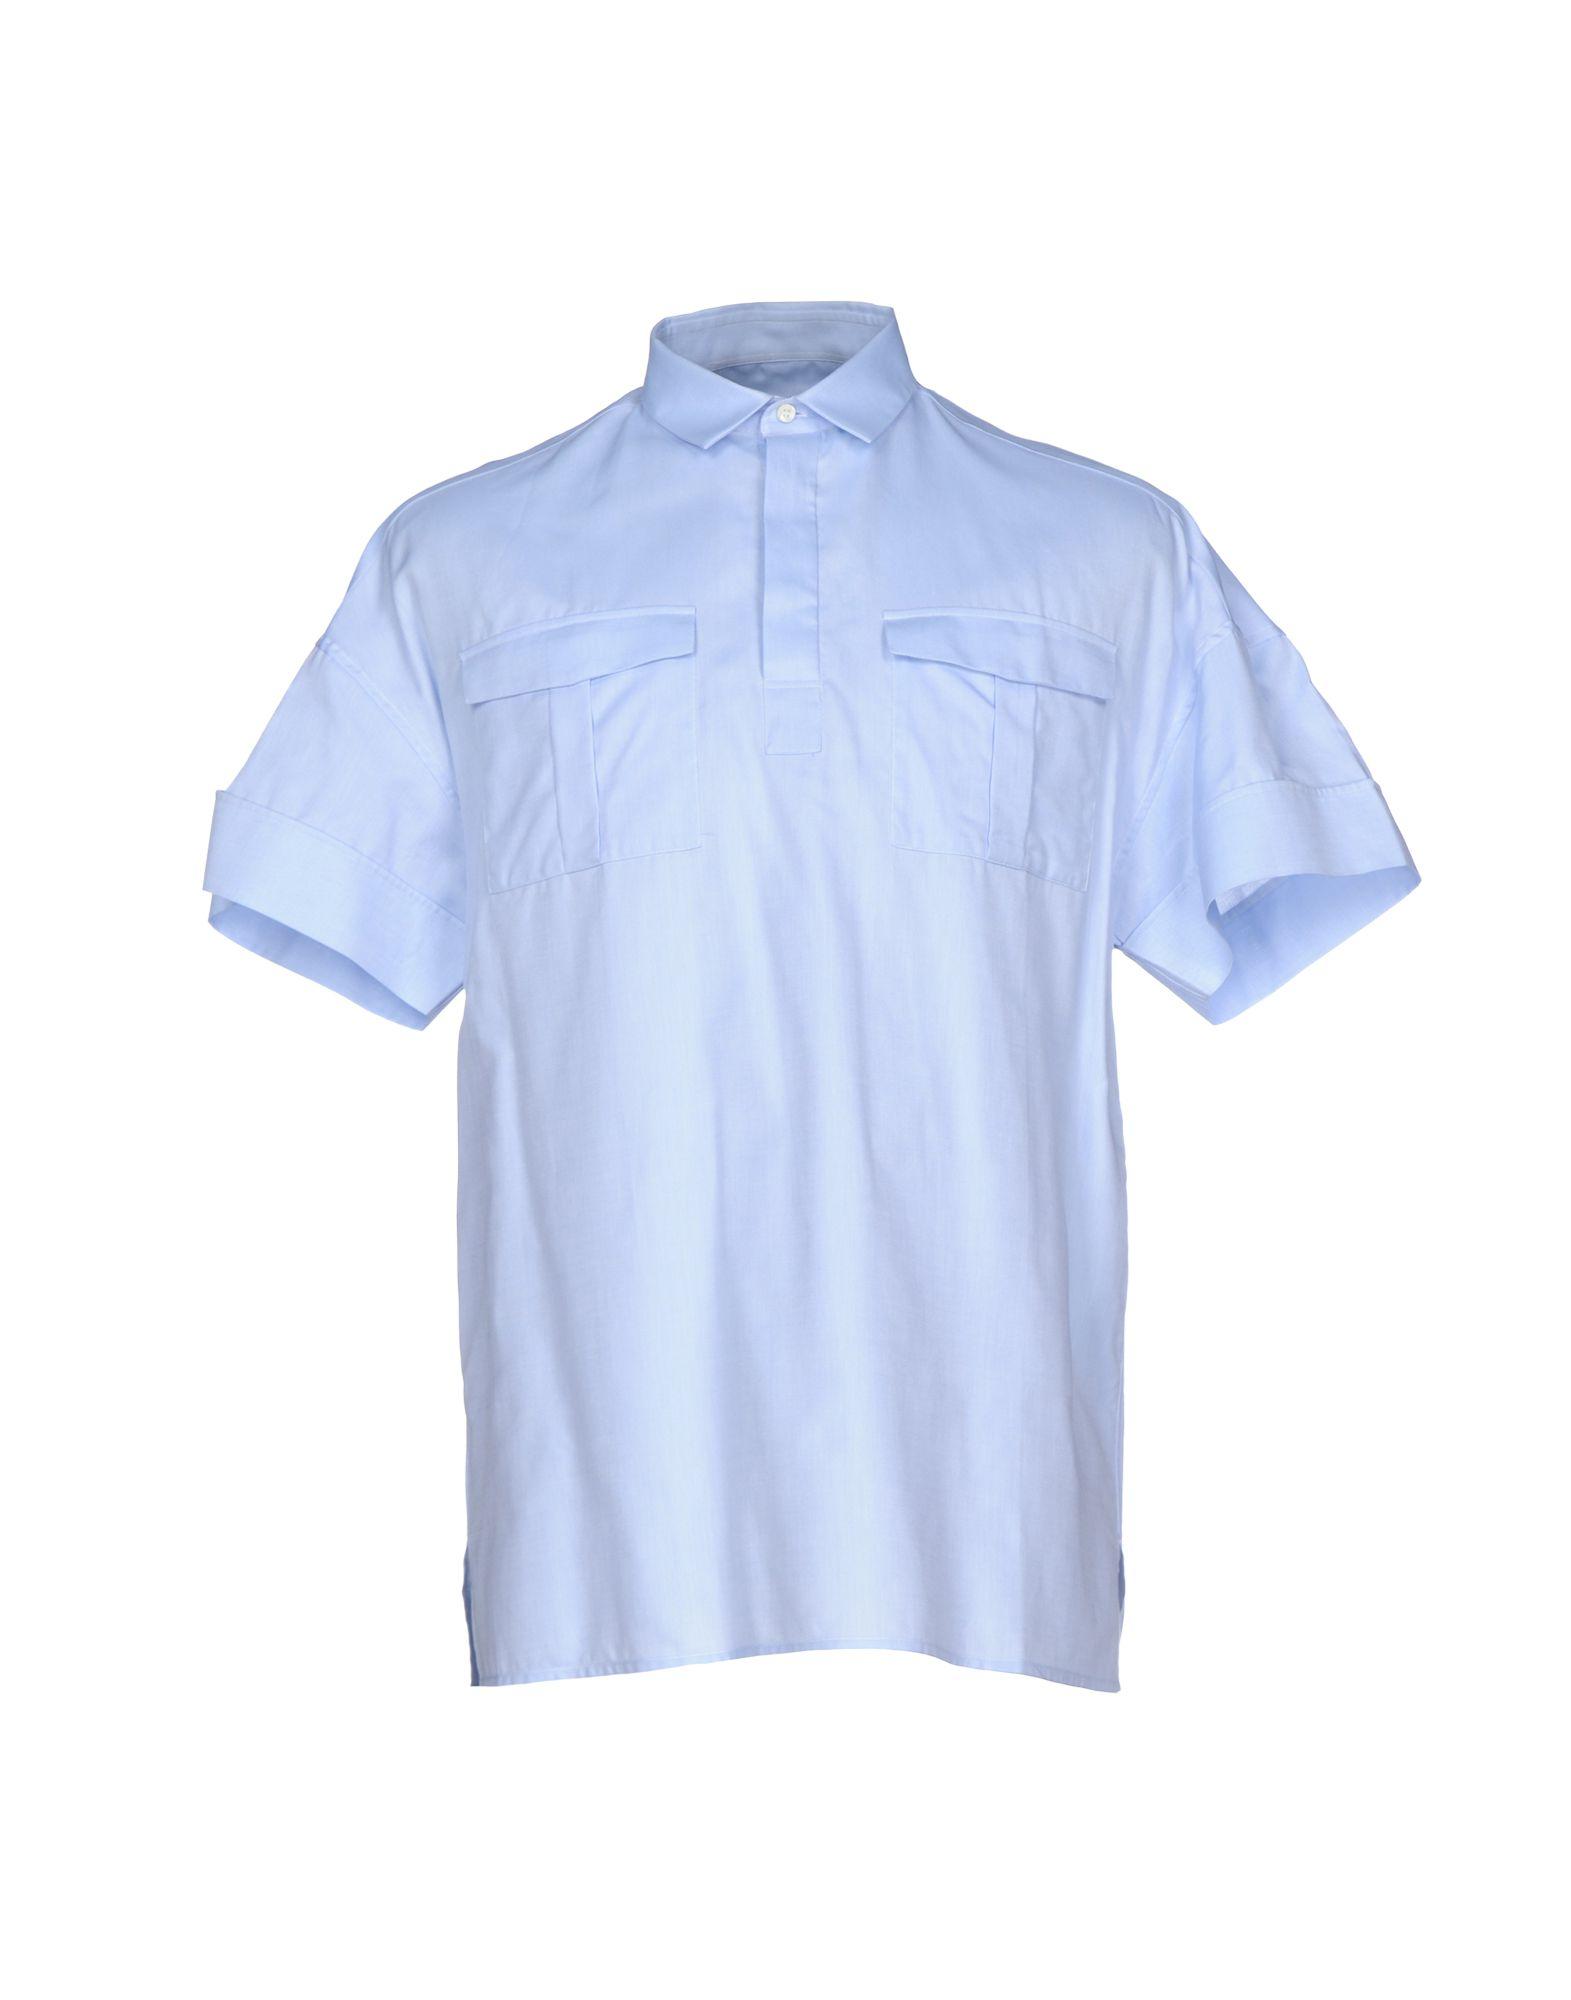 VALENTINO Herren Hemd Farbe Himmelblau Größe 8